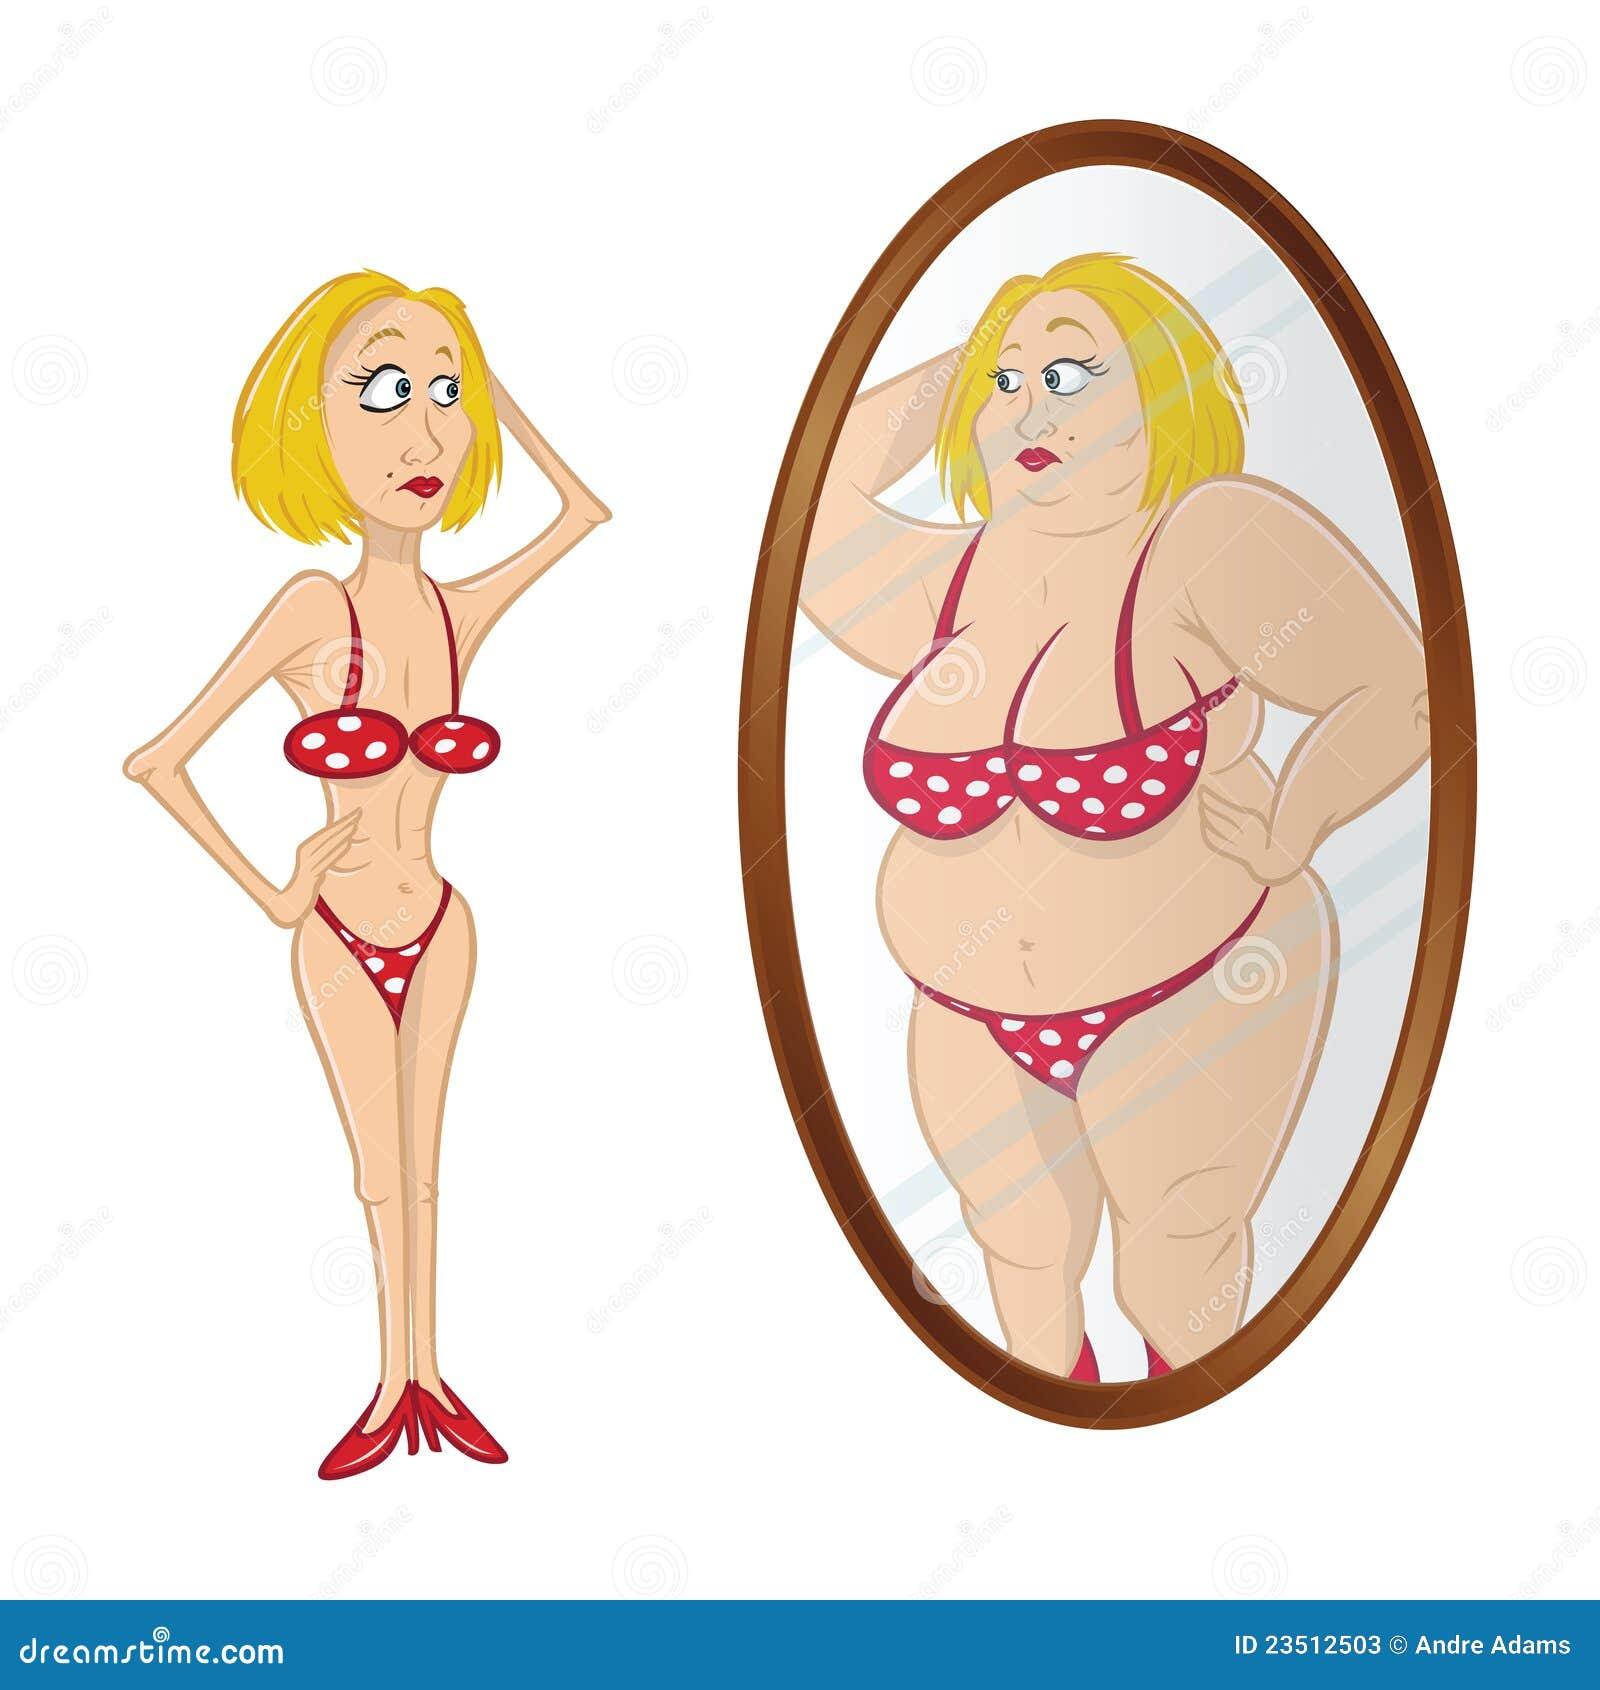 Espelho anorexic modelo fotos de stock imagem 23512503 for Pics de chicks dans l miroir